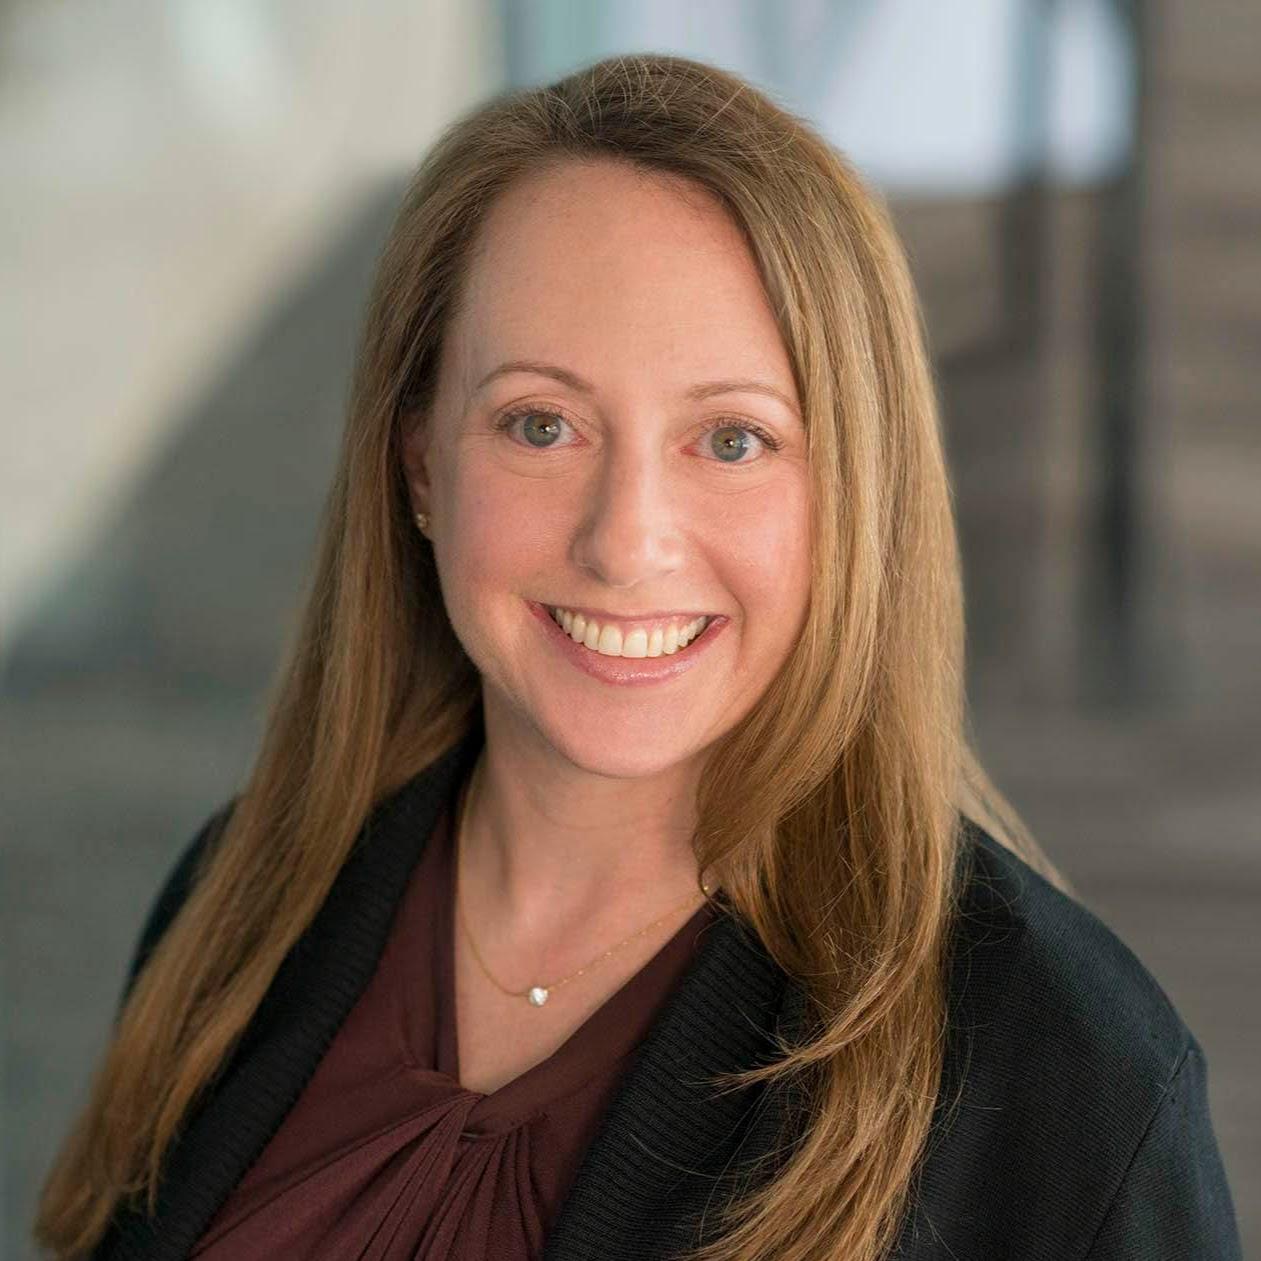 Sara Rothkopf